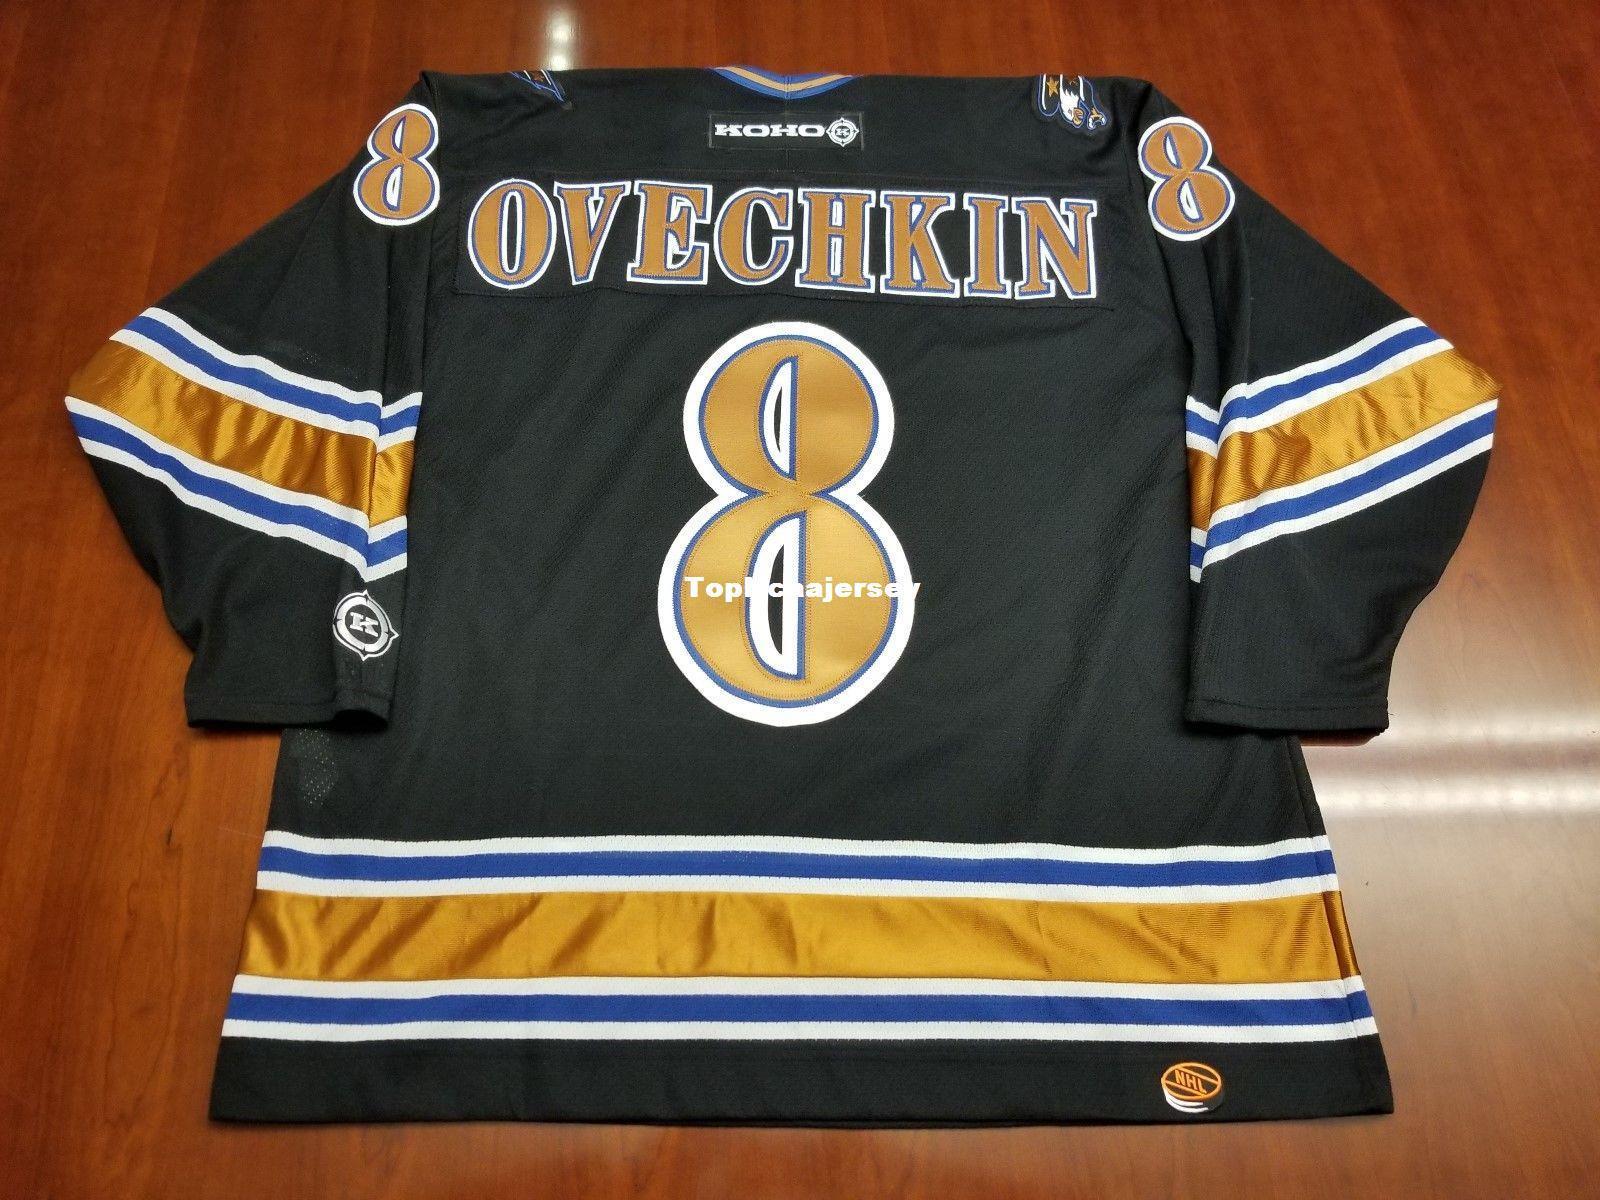 new style 22617 53f83 Wholesale Alex Ovechkin Washington Capitals Vintage Koho Cheap Hockey  Jersey Black Mens Retro Jerseys